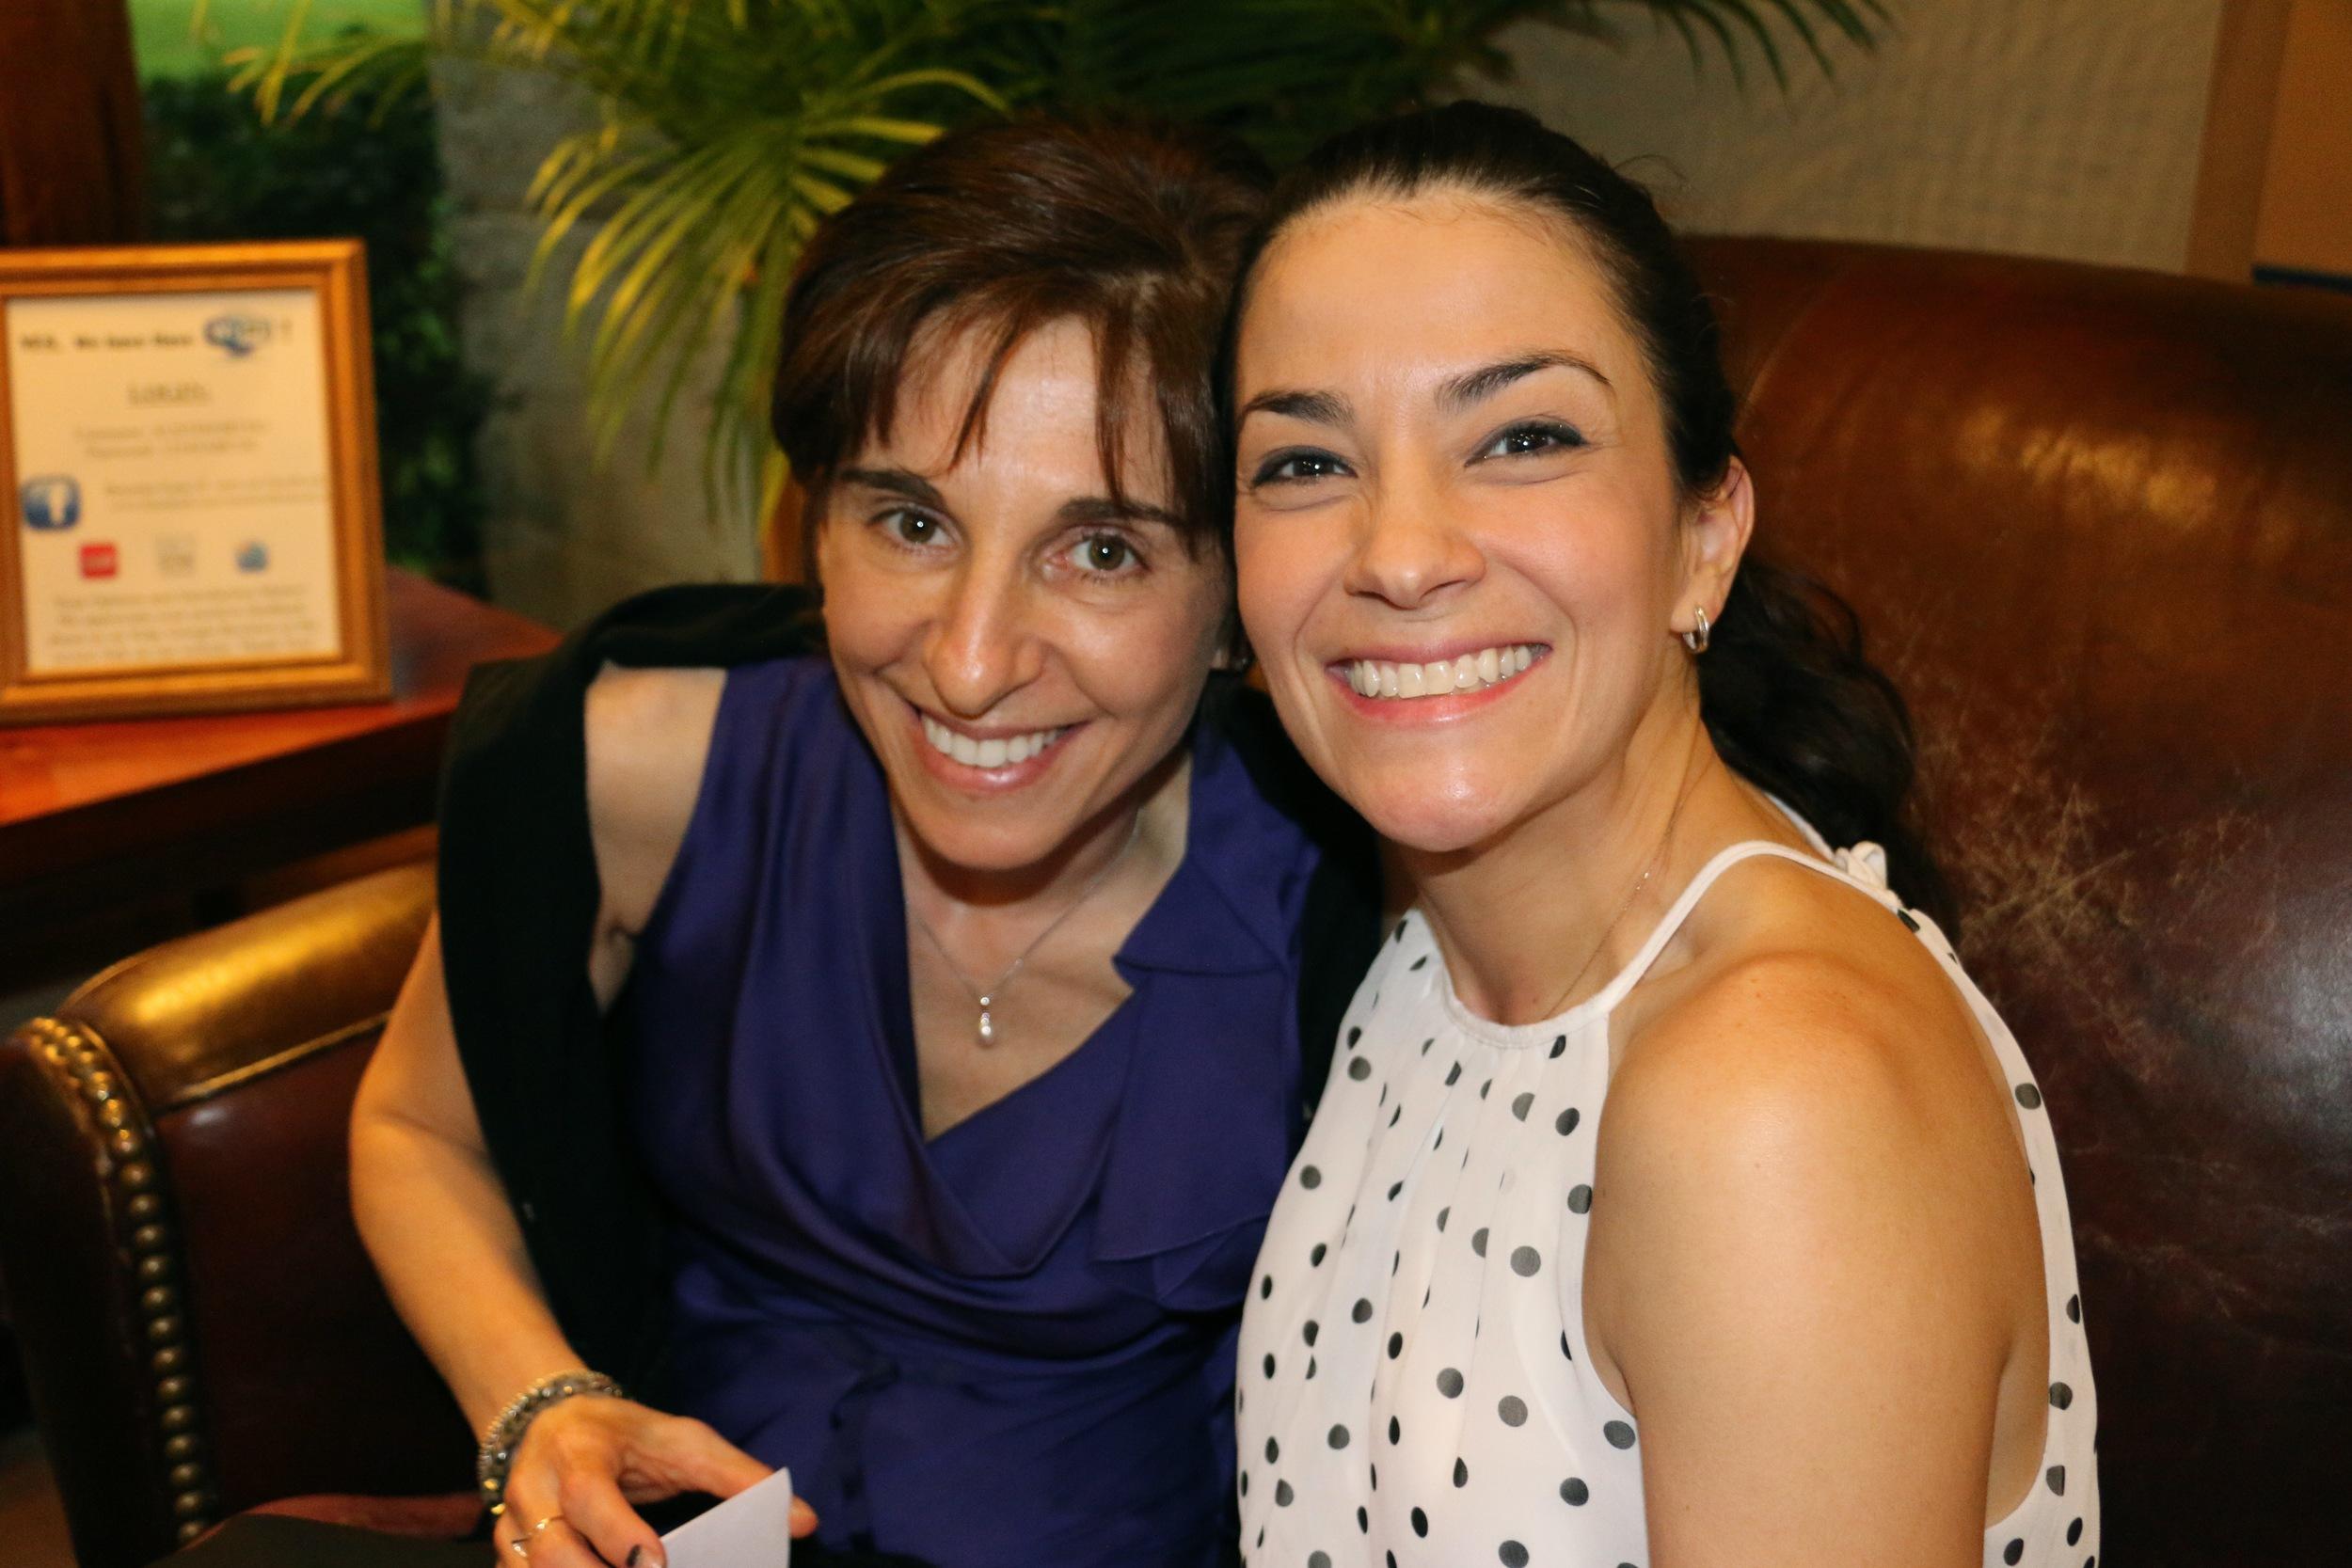 Drs. Monica Goldenberg and Silvana Gonzalez